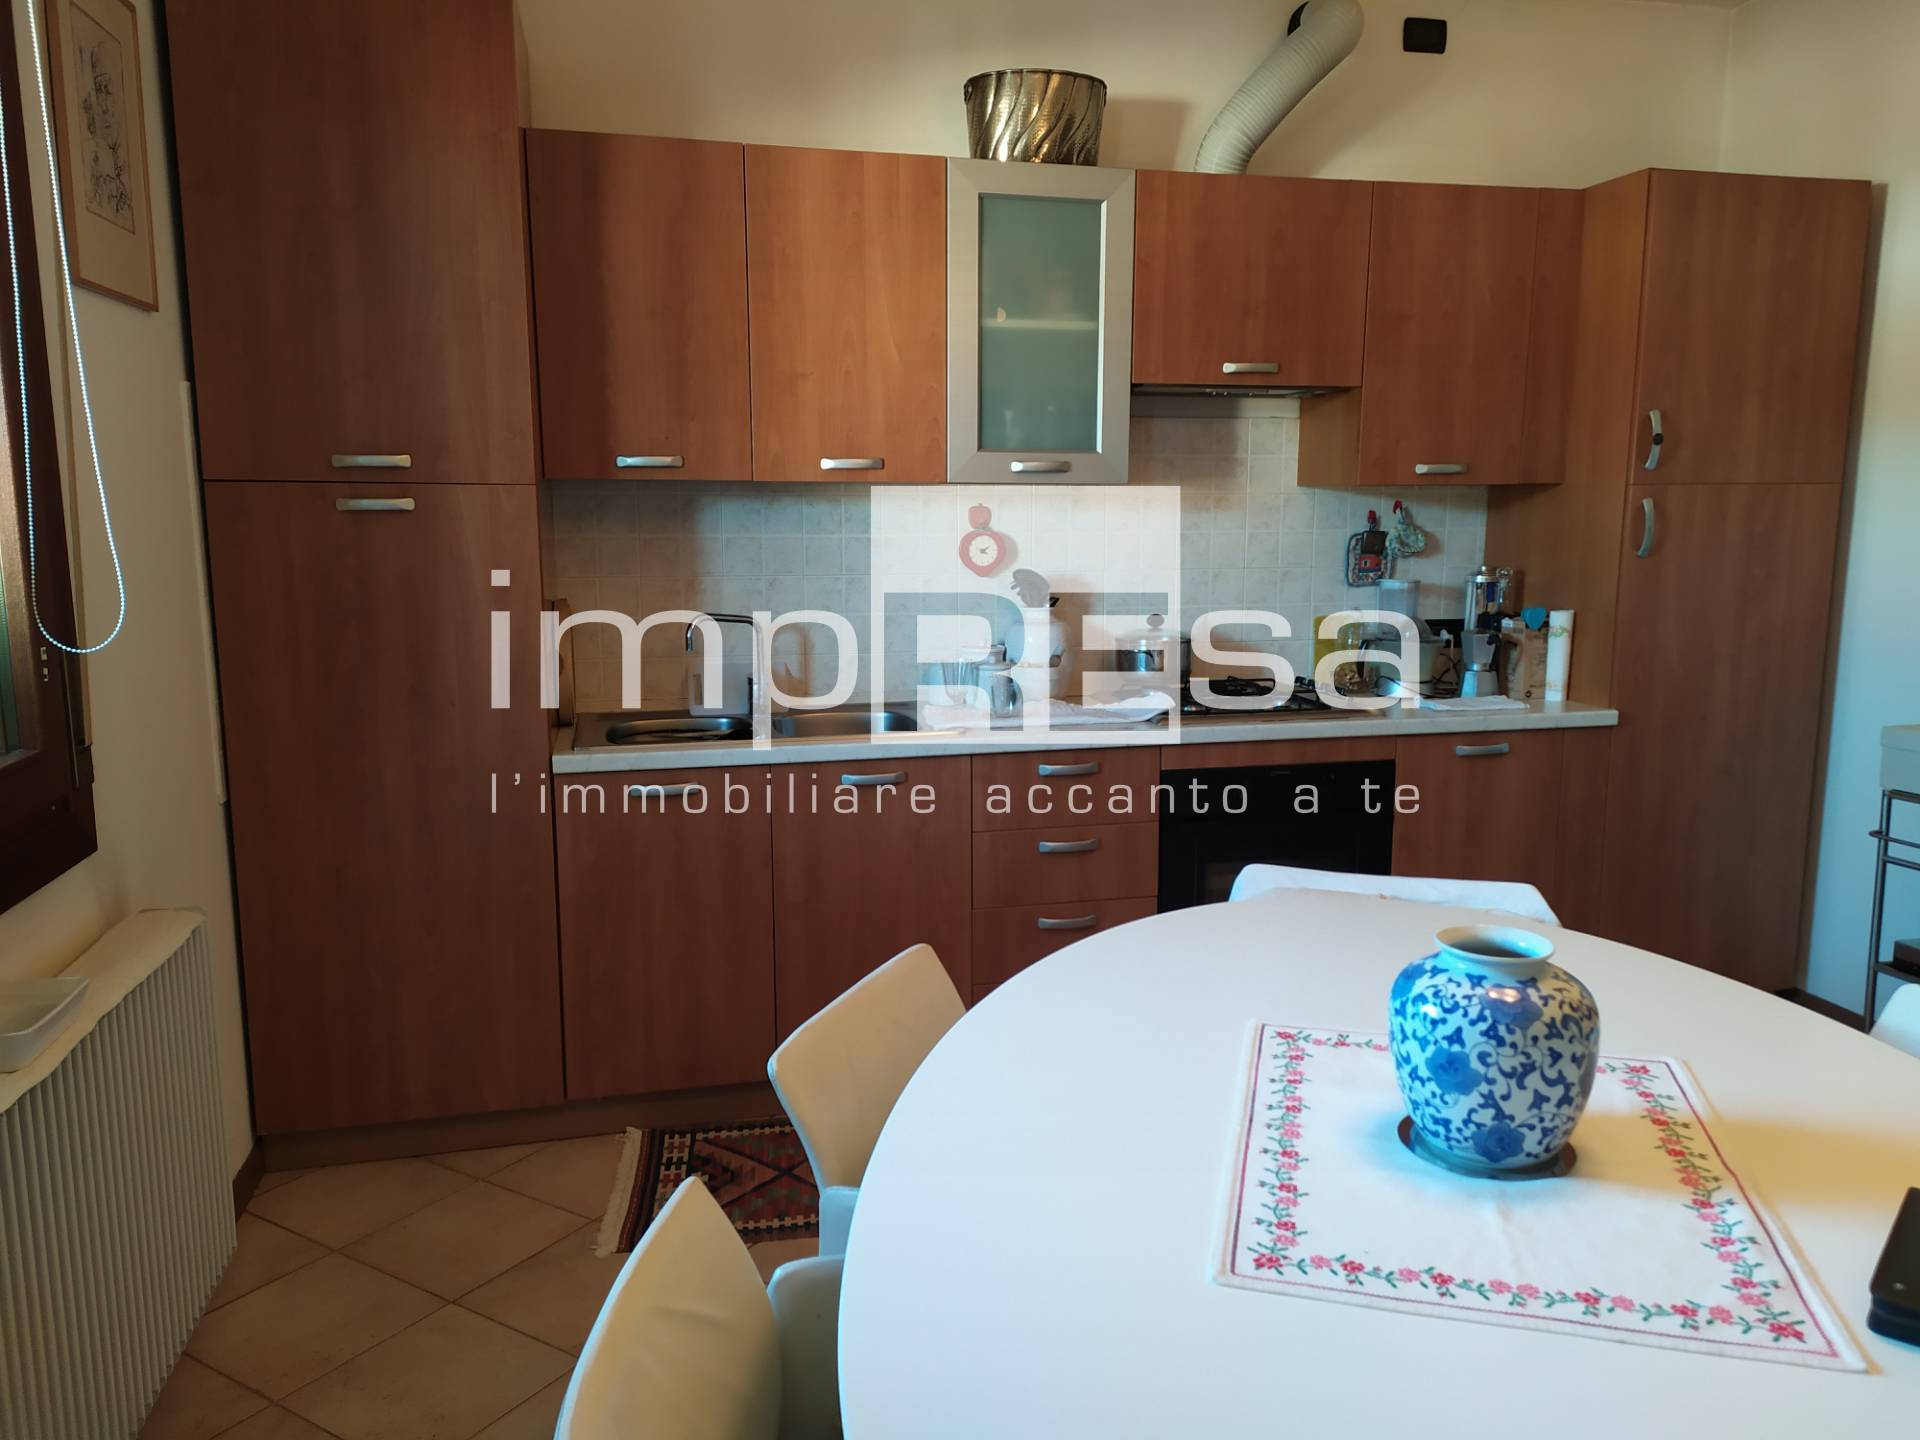 Appartamento in vendita a Preganziol, 3 locali, prezzo € 83.000 | PortaleAgenzieImmobiliari.it